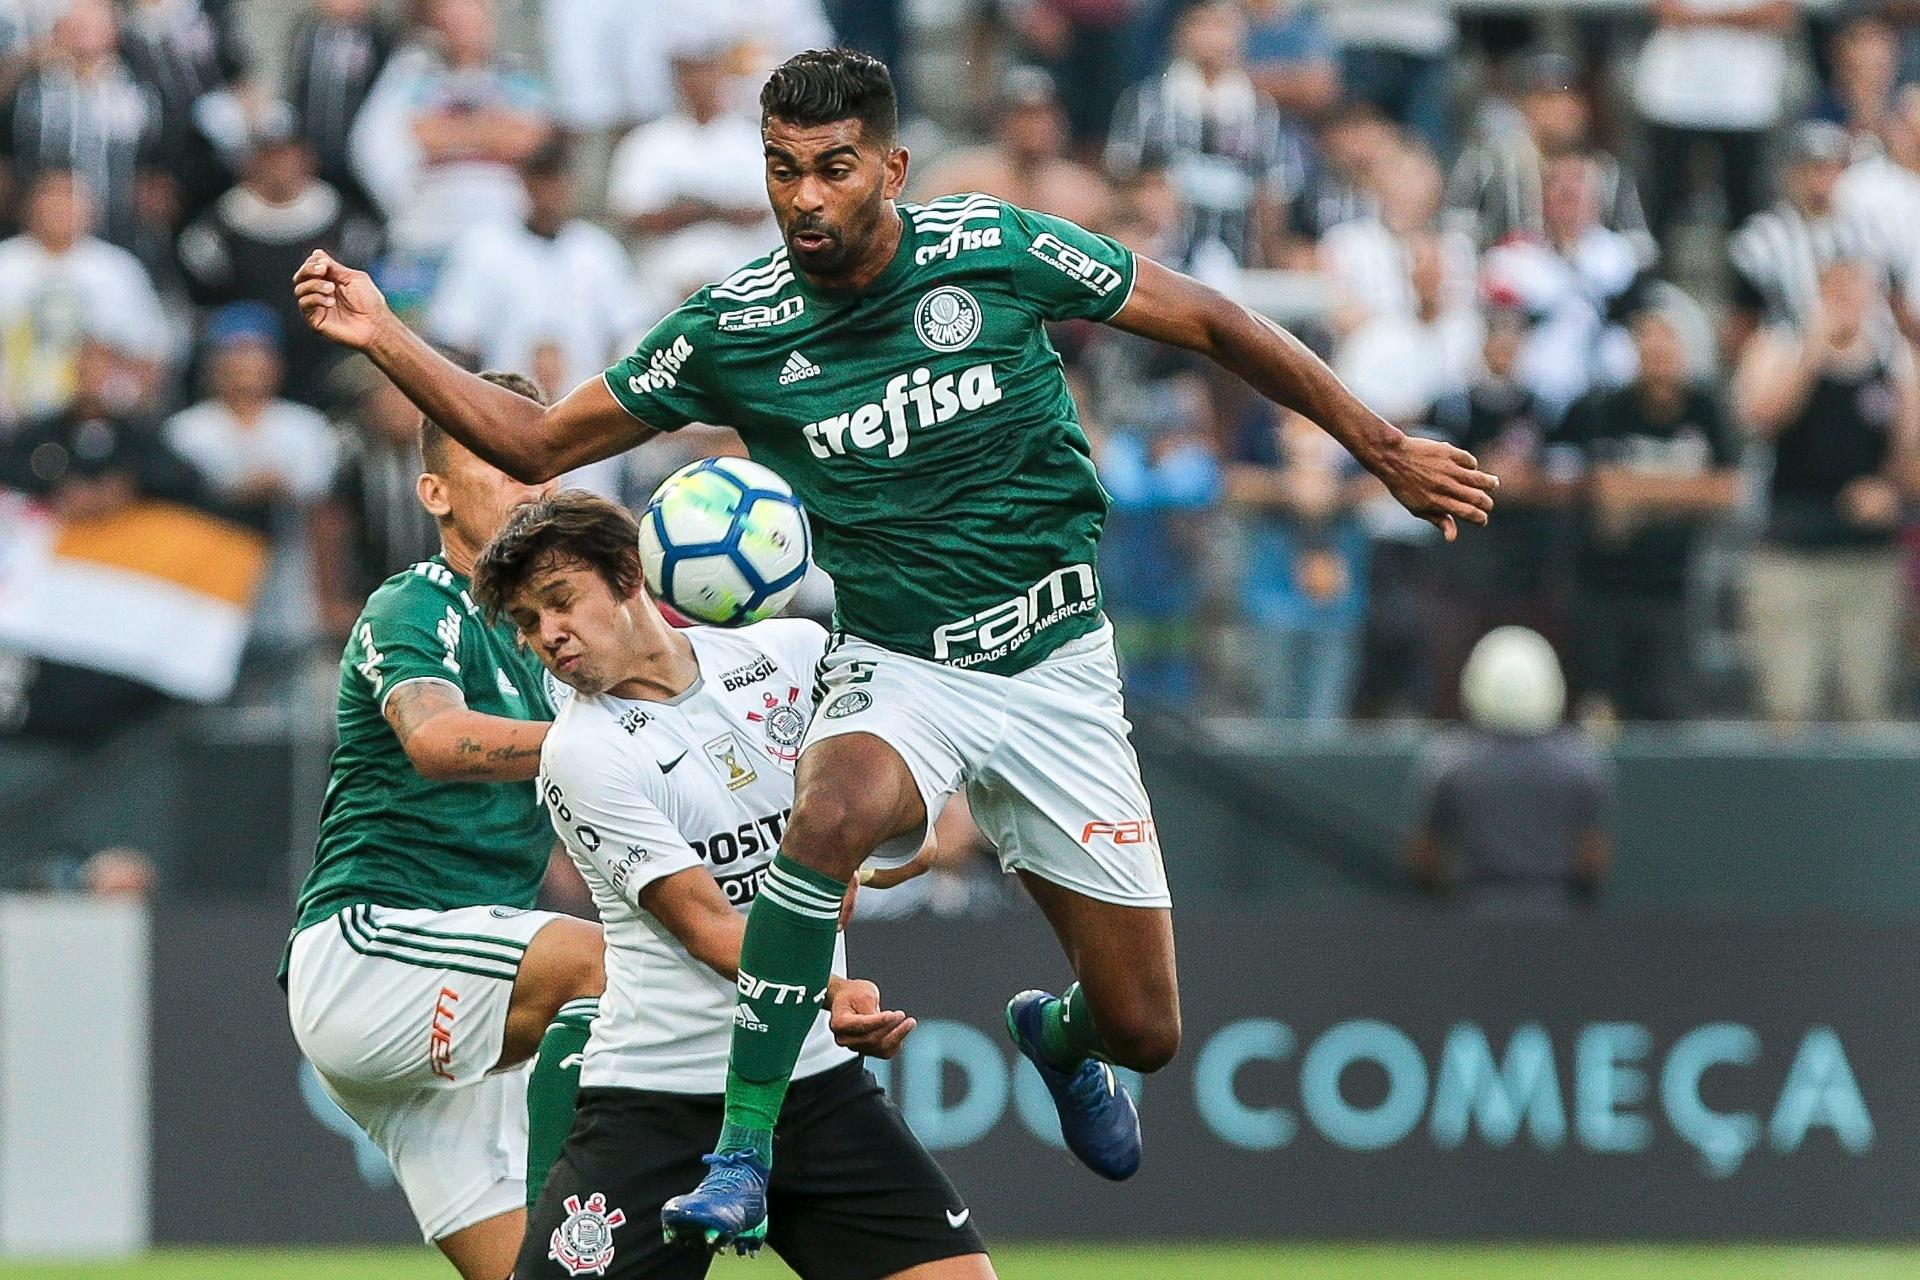 8b382218dfd35 Palmeiras x Corinthians  35 mil ingressos vendidos para o Dérbi - 31 01 2019  - UOL Esporte